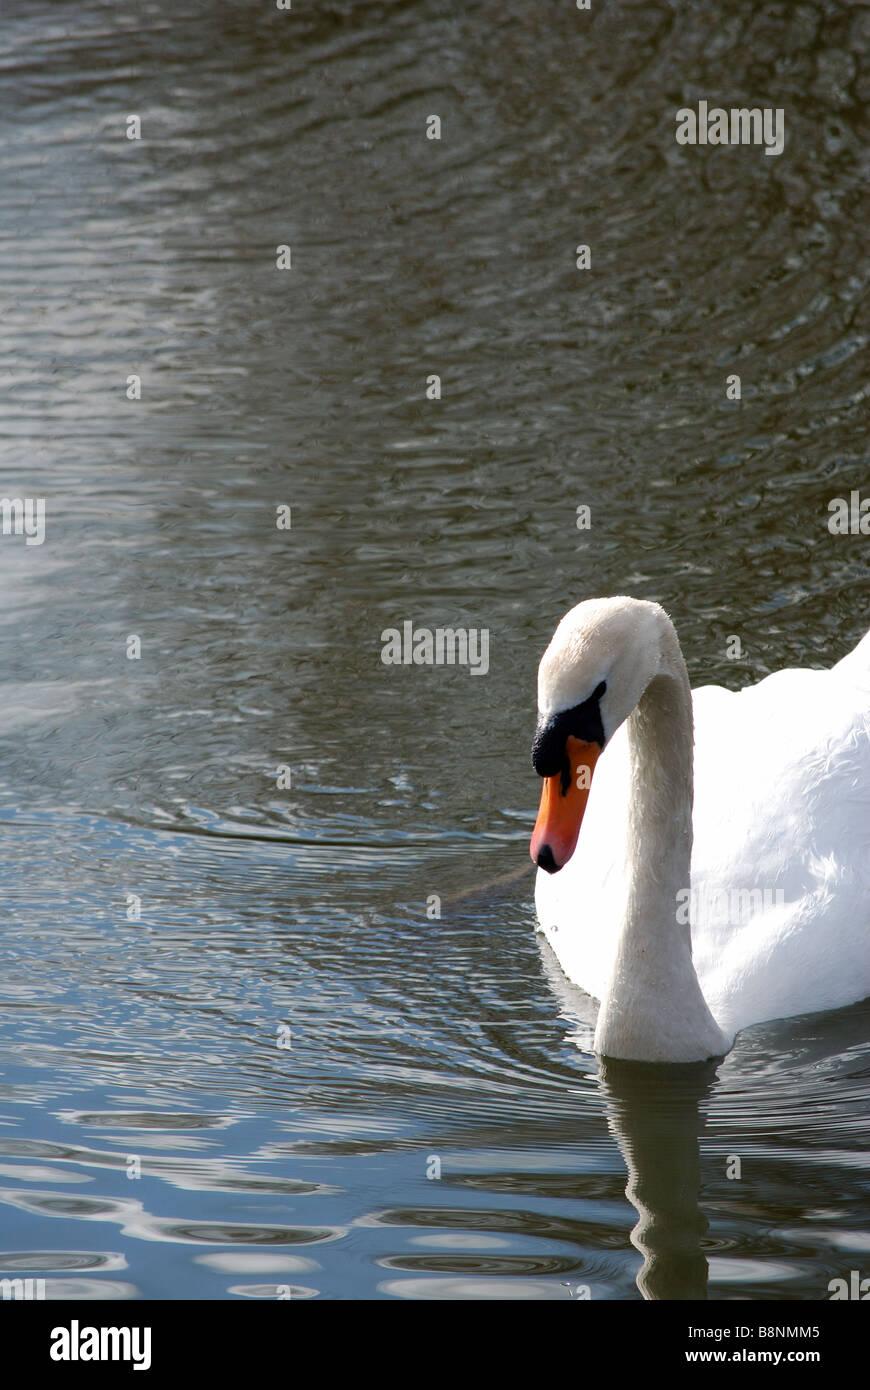 Cisne nadando hacia la cámara Imagen De Stock